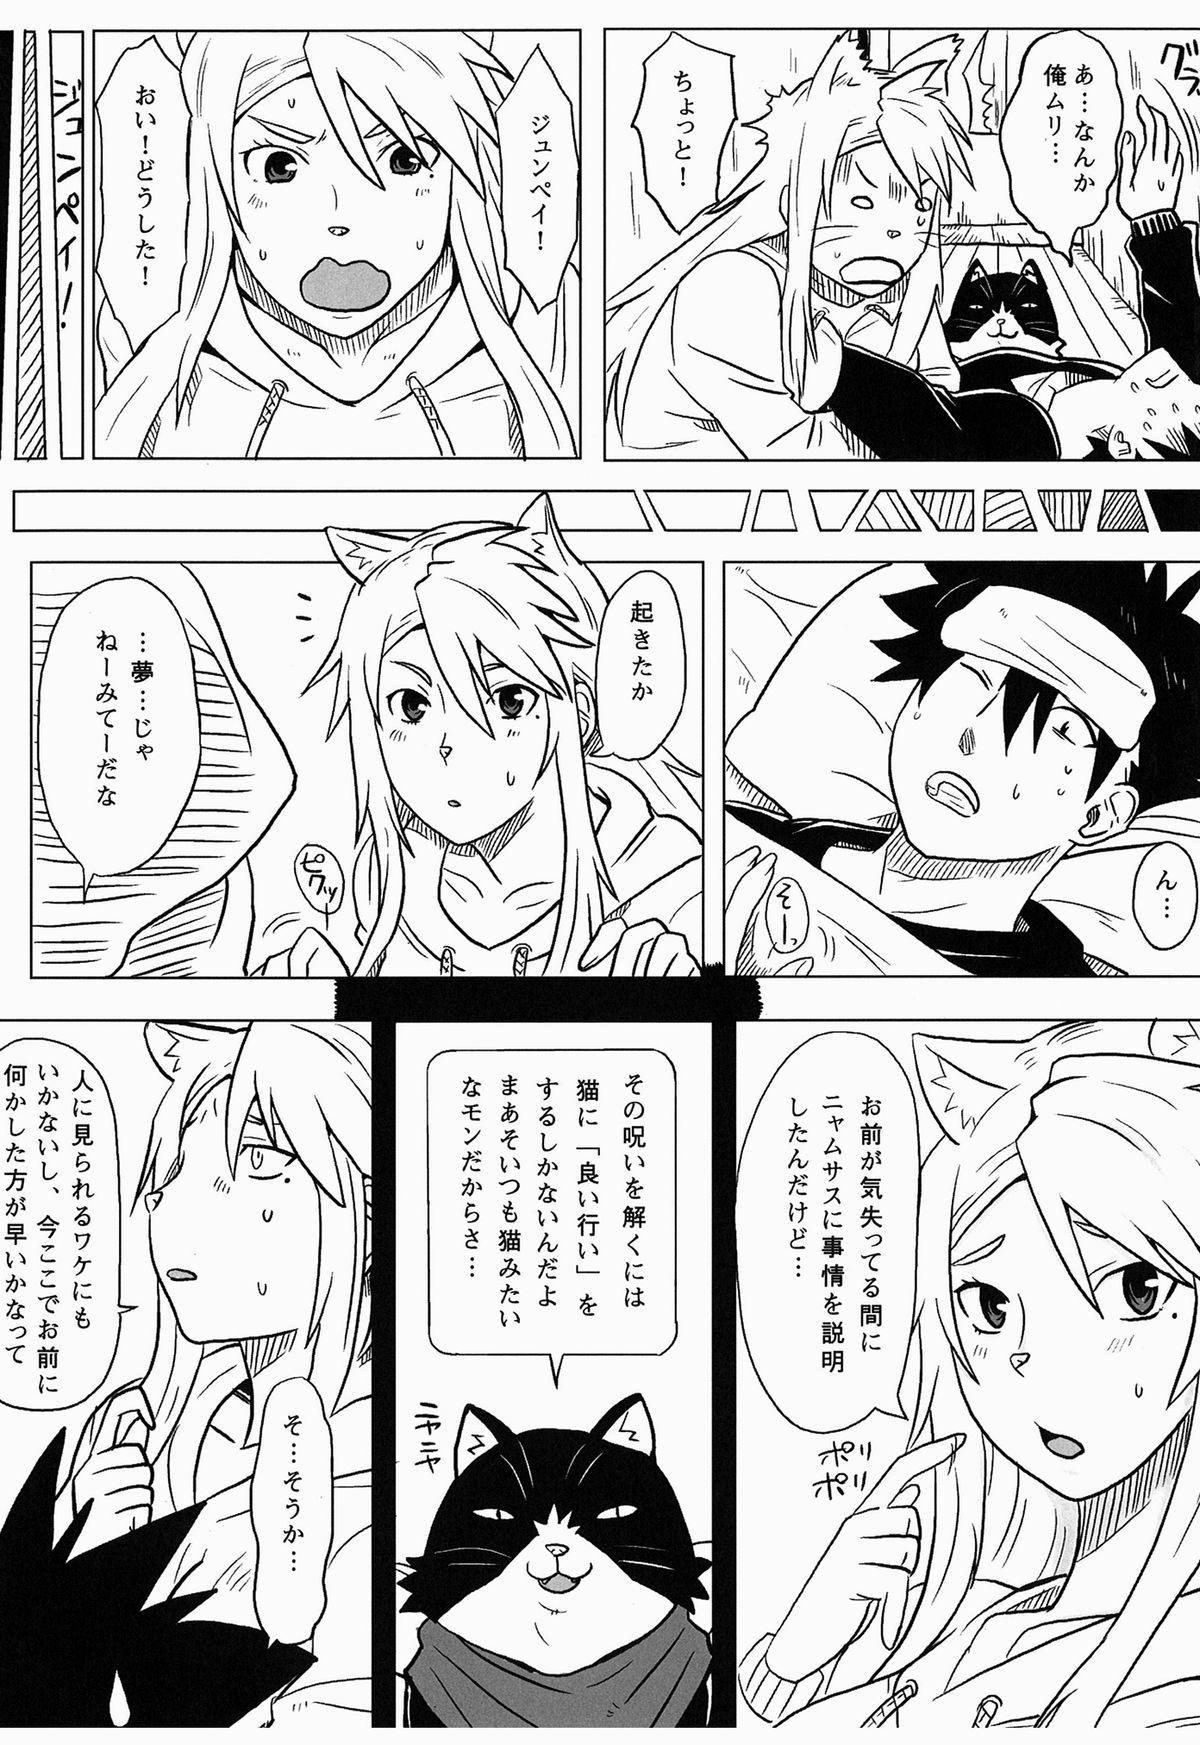 Kanakoi! 5